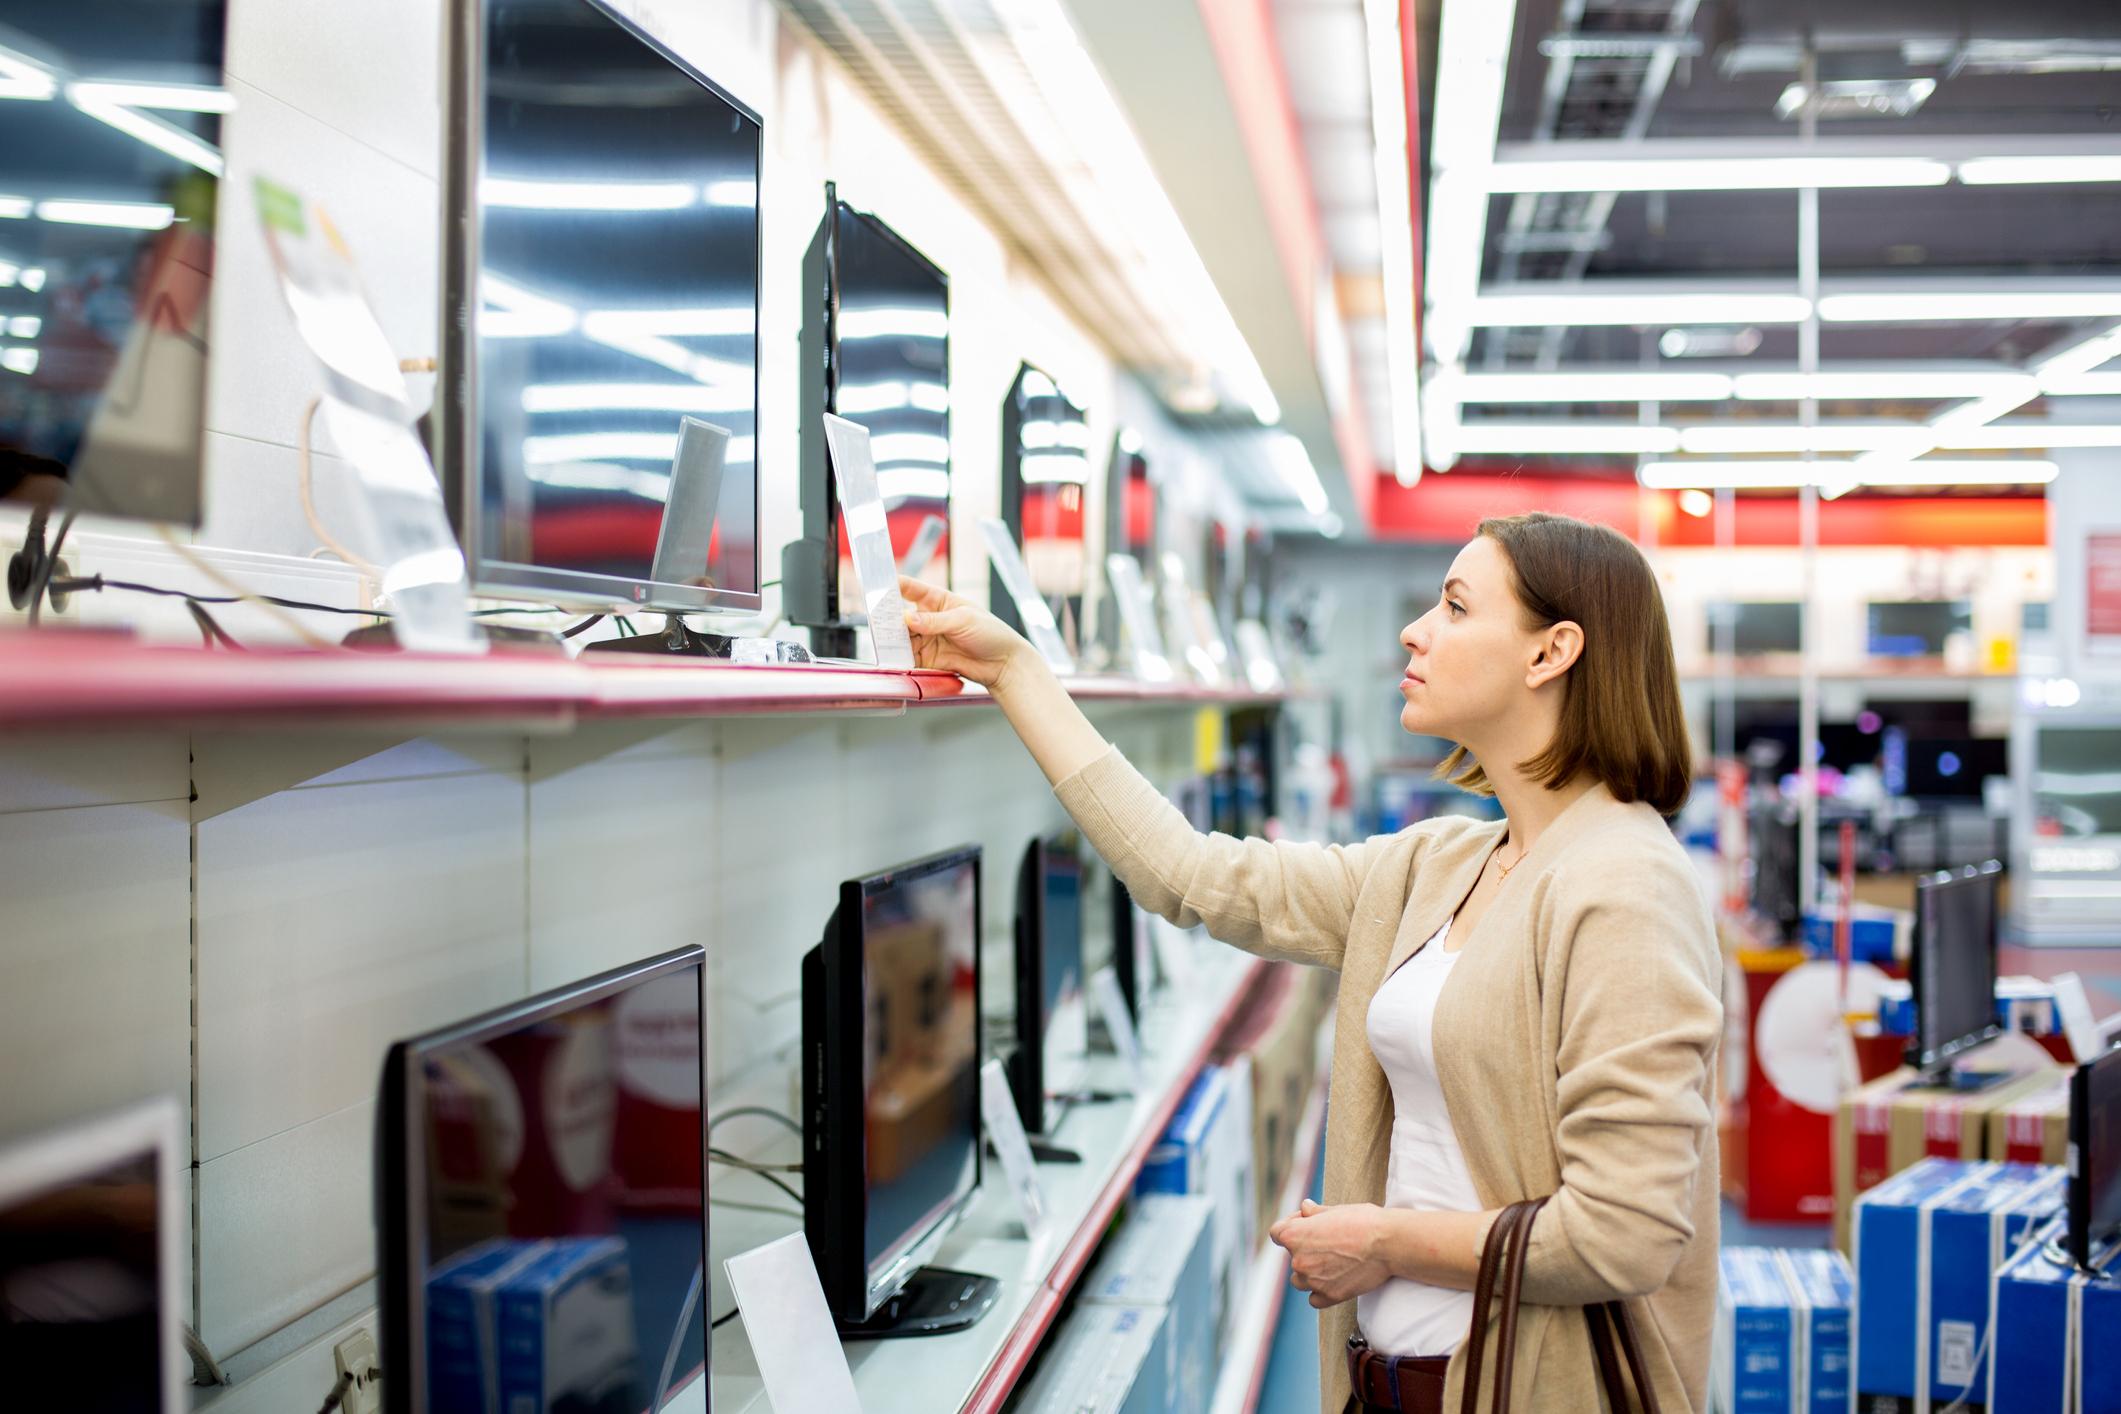 shopping television sets.